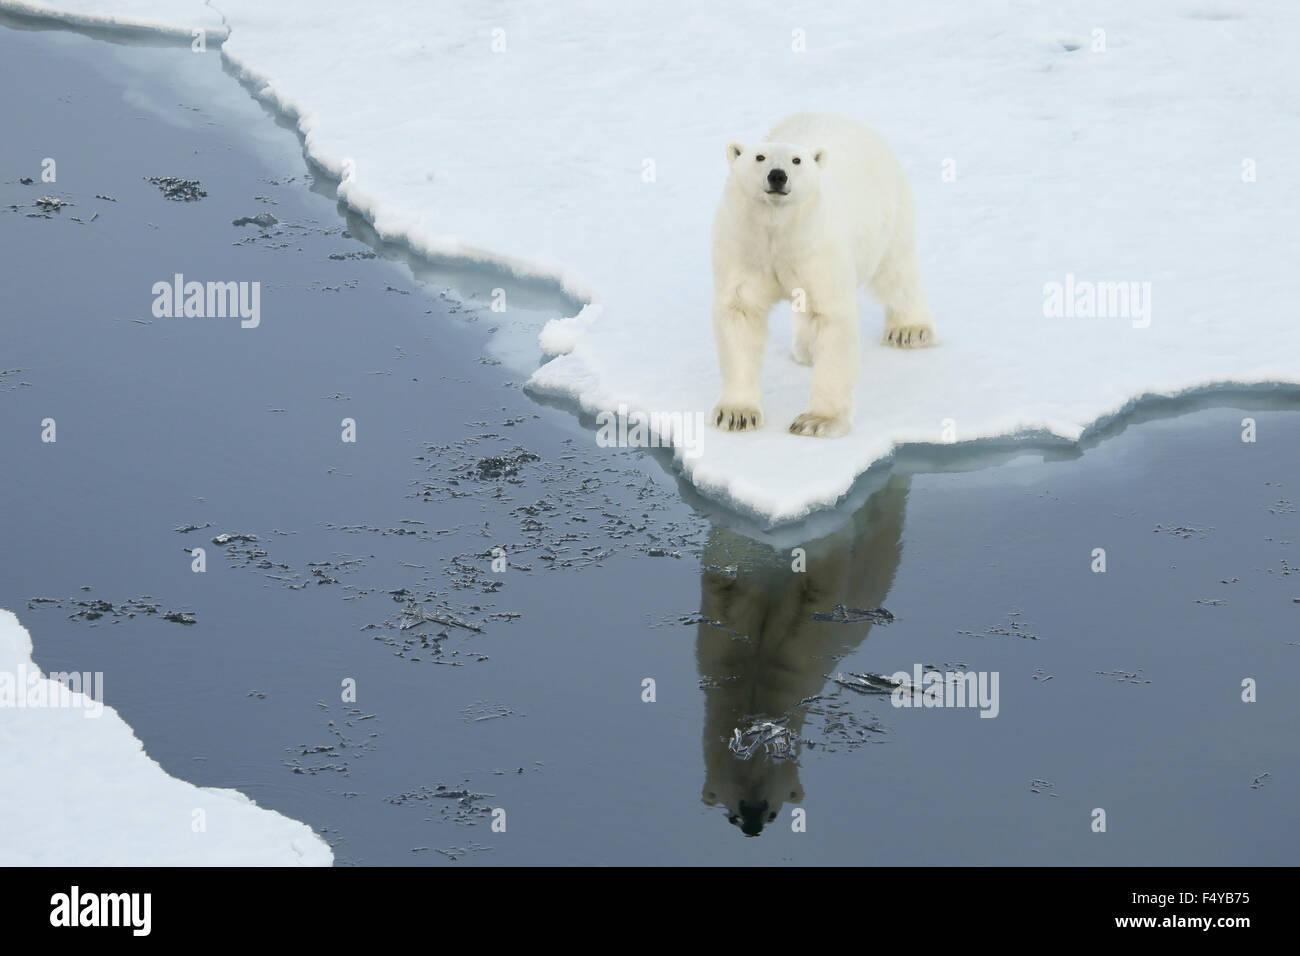 La Groenlandia, Scoresby Sound, orso polare si erge sul bordo del mare di ghiaccio, cercando con riflesso nell'acqua. Immagini Stock